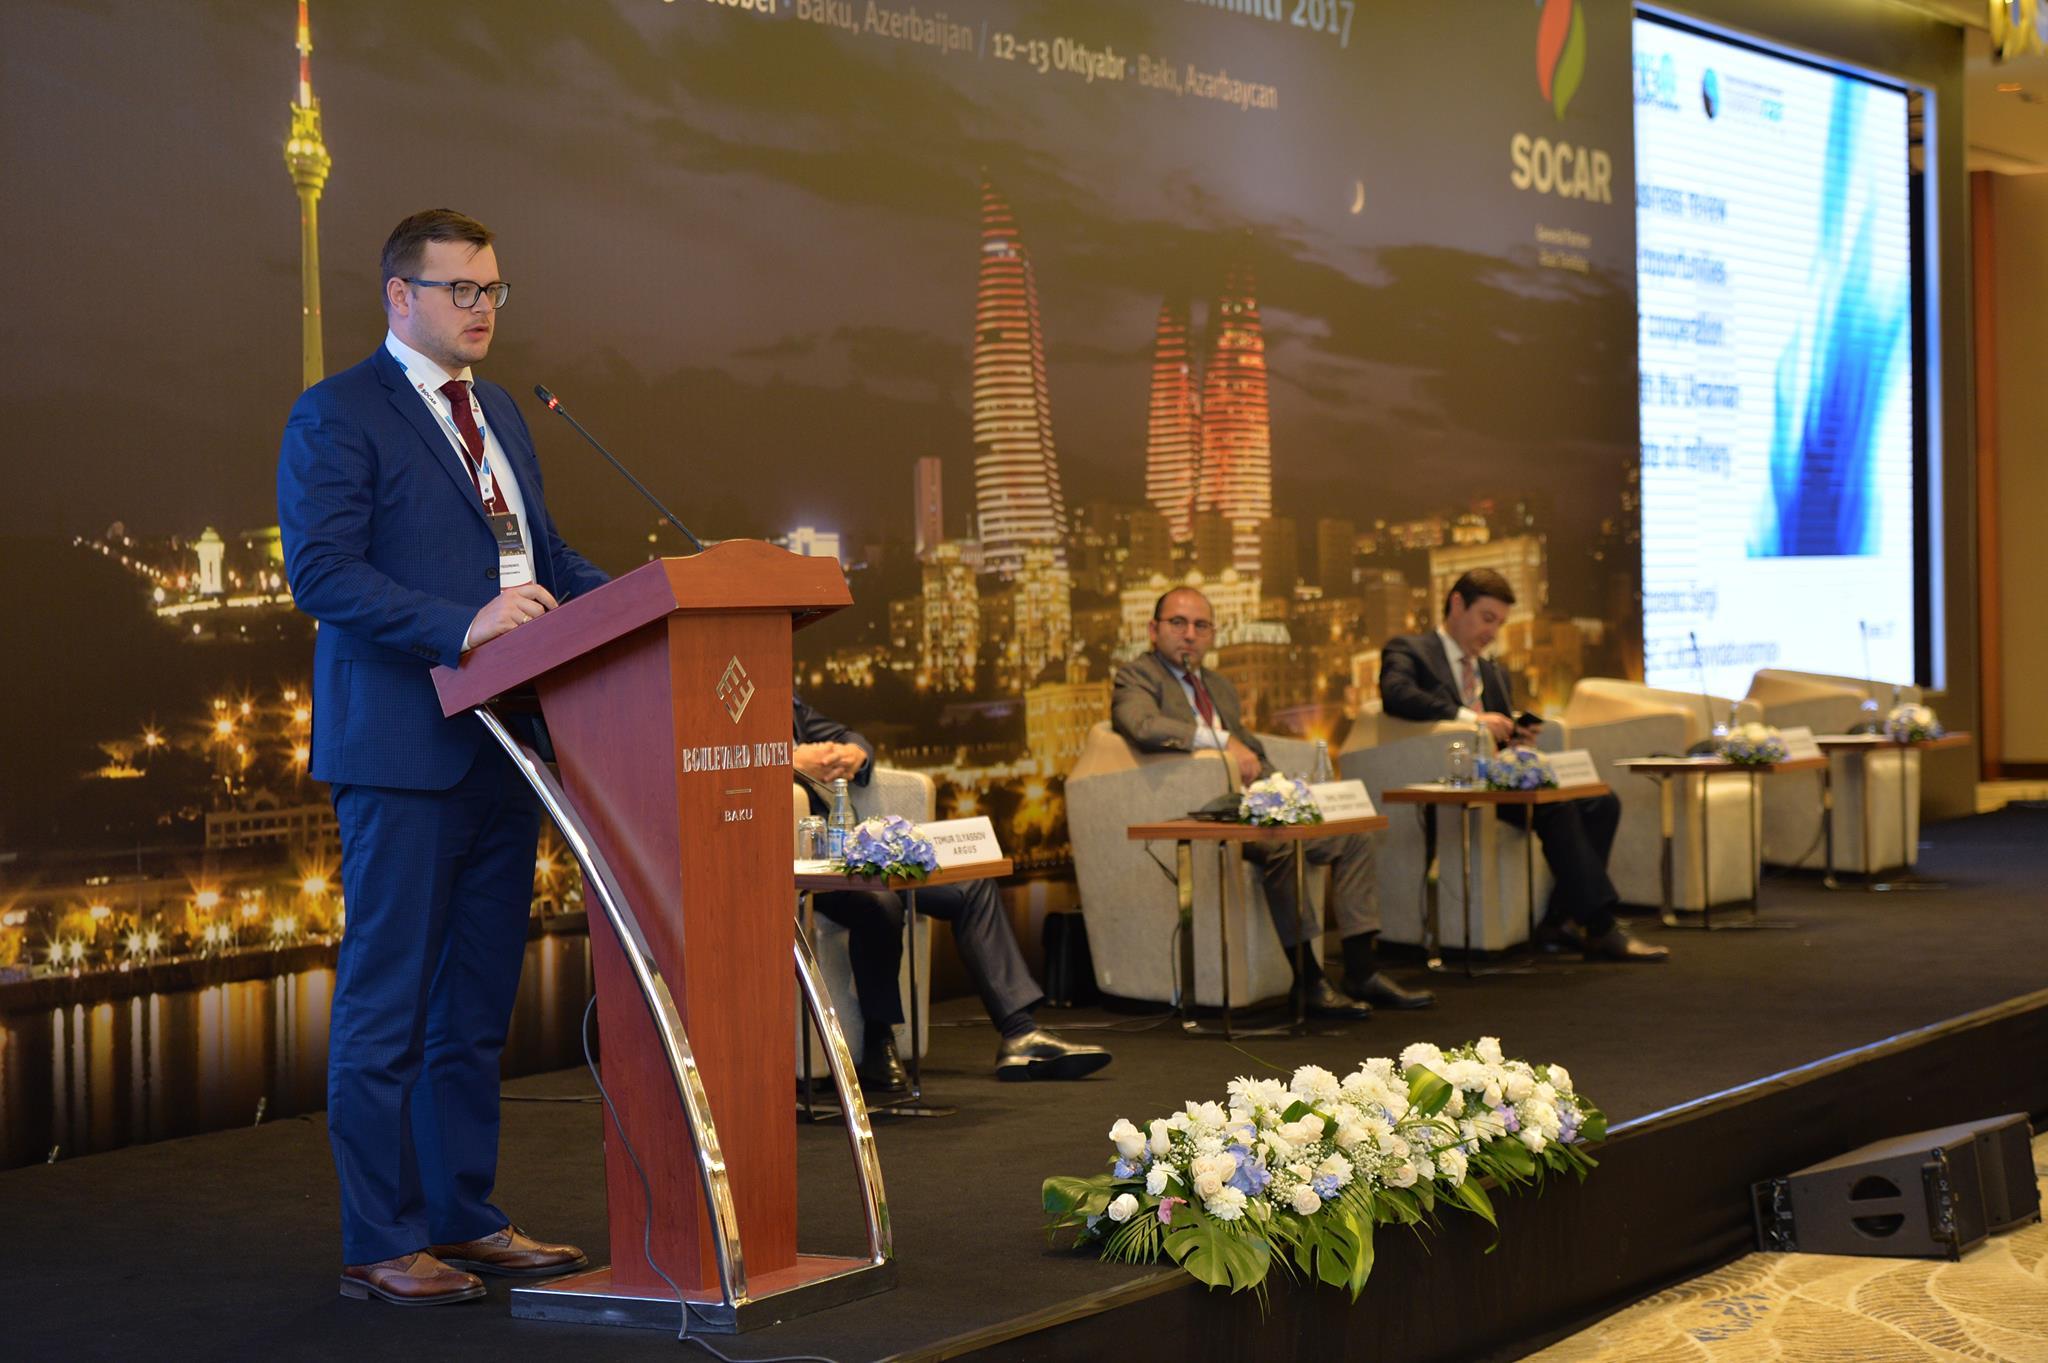 Укргазвидобування взяло участь у міжнародному саміті в Азербайджані